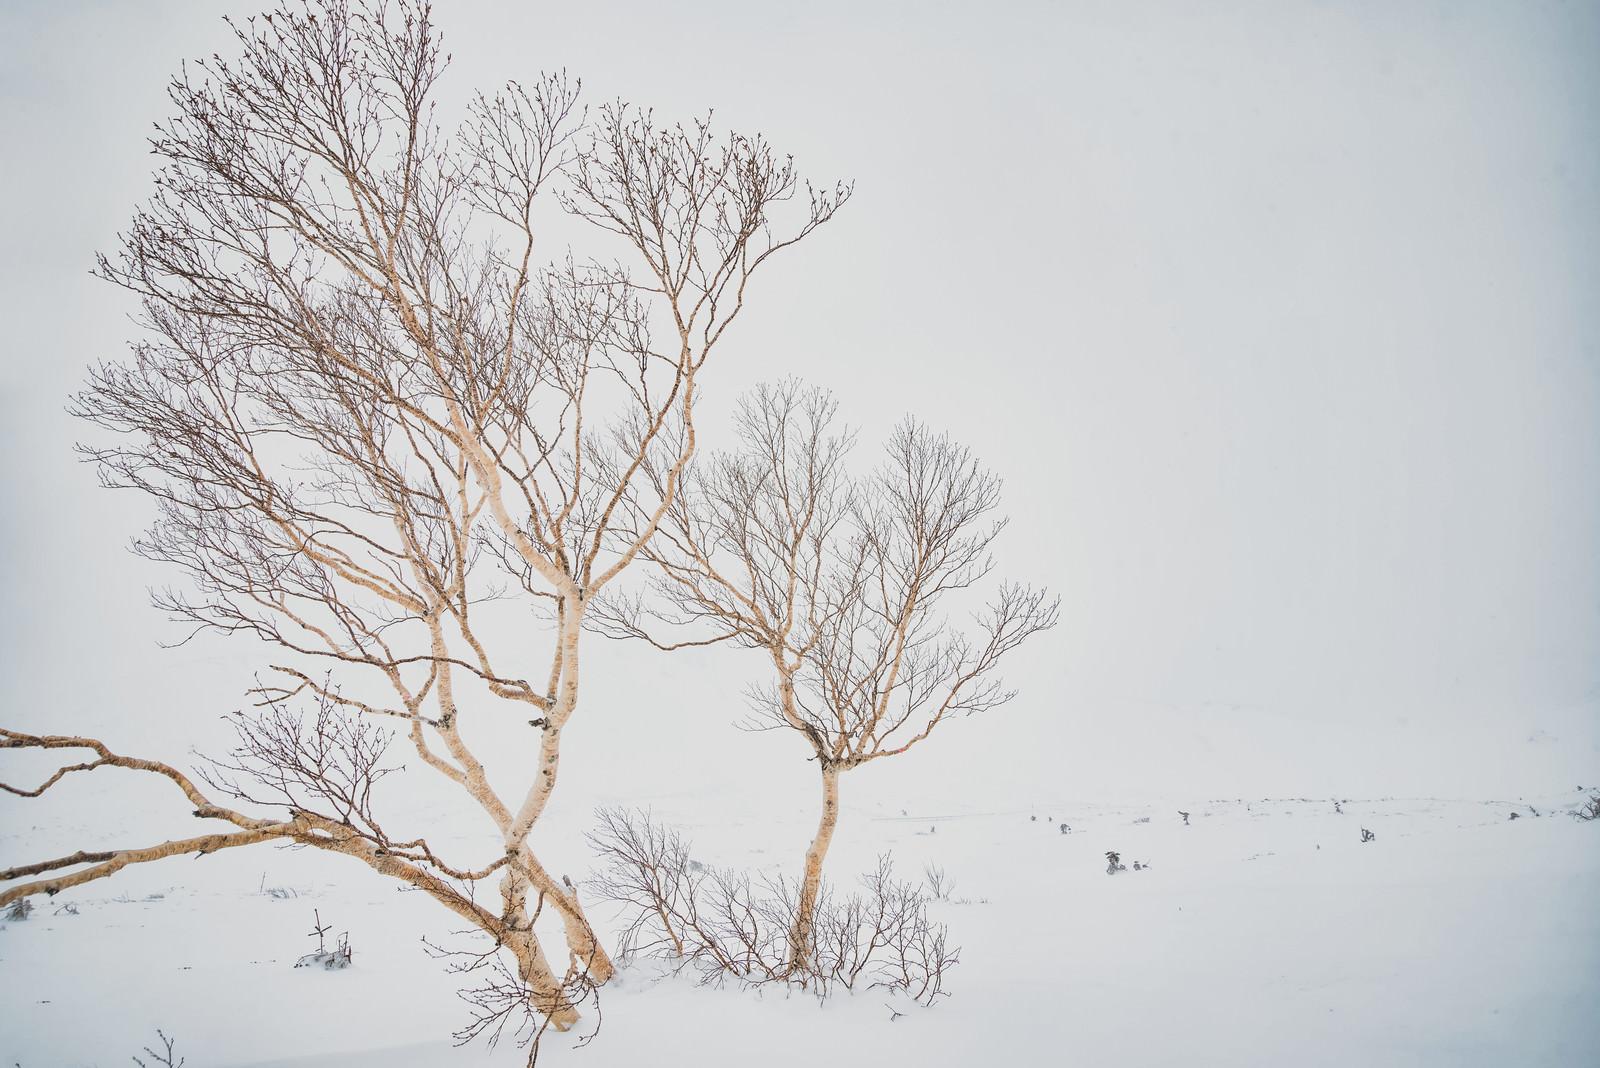 「ホワイトアウトした乗鞍高原とダケカンバ」の写真